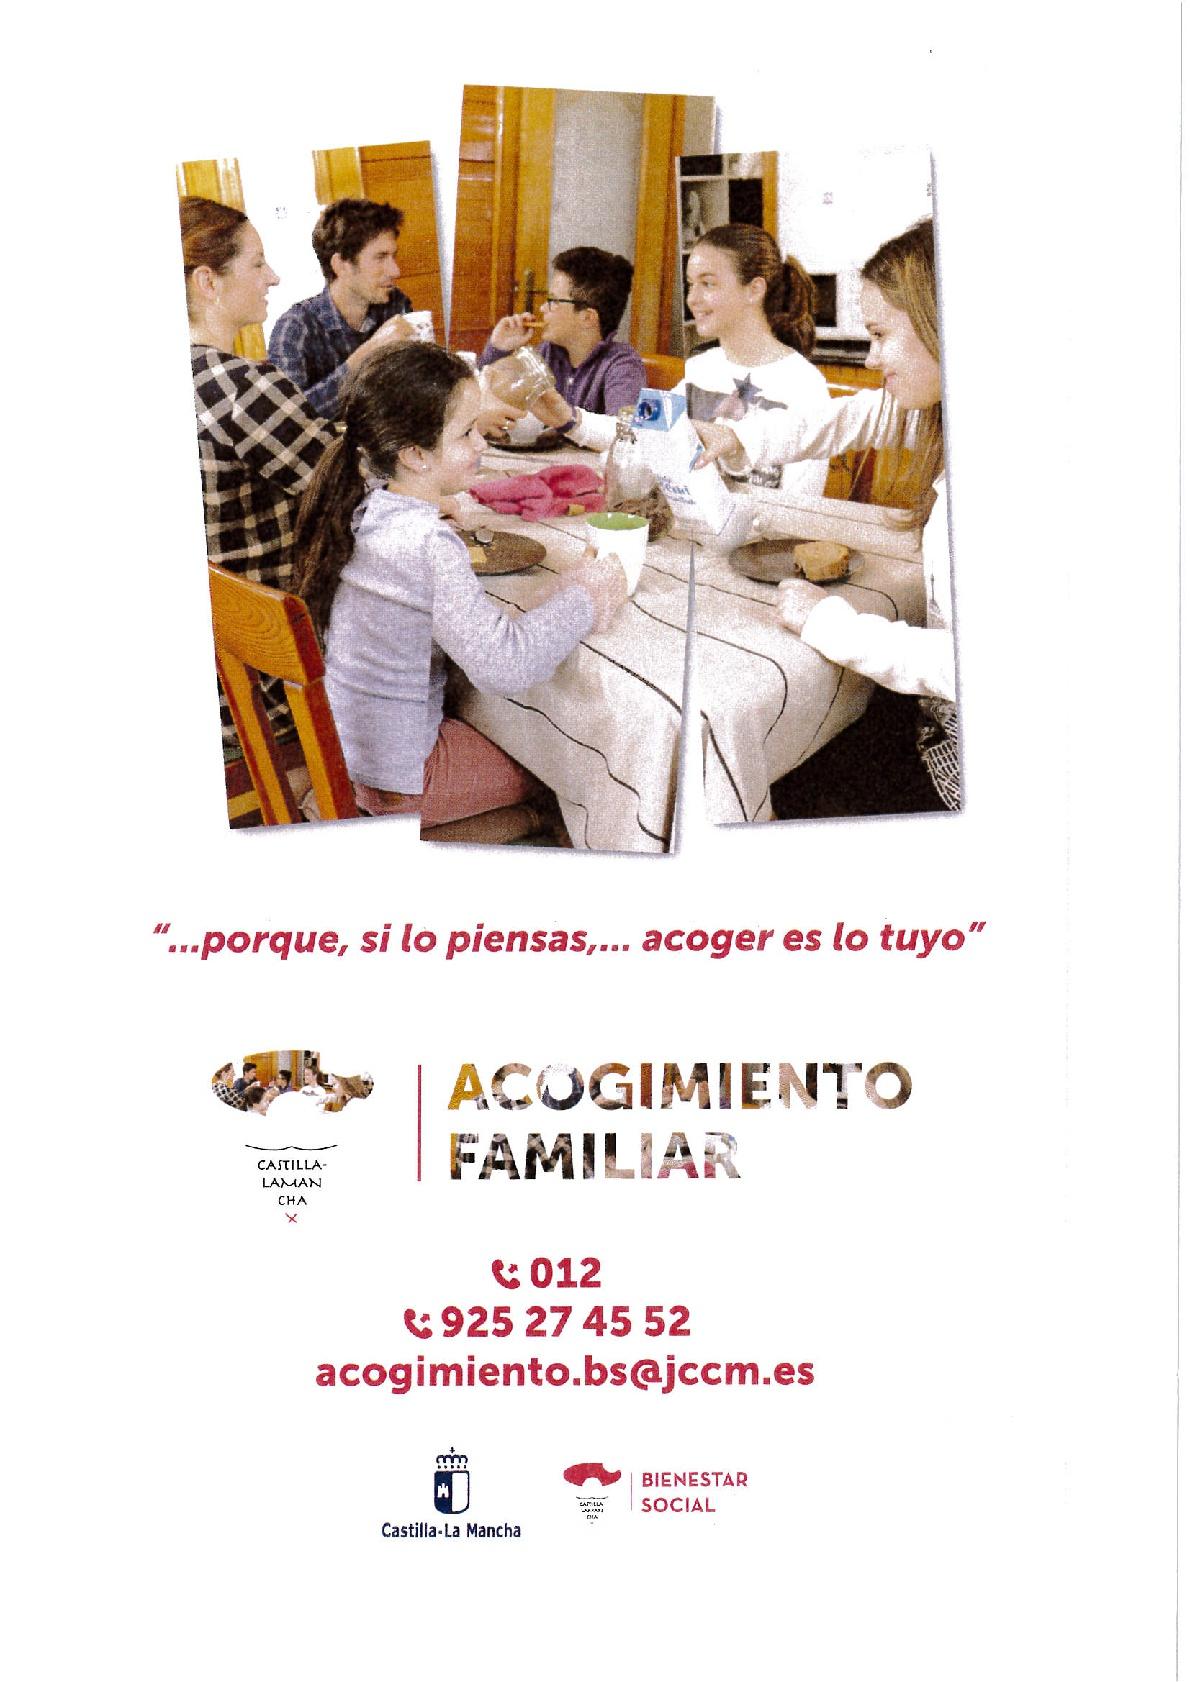 Acogimiento familiar - Consejería de Bienestar Social-001.jpg